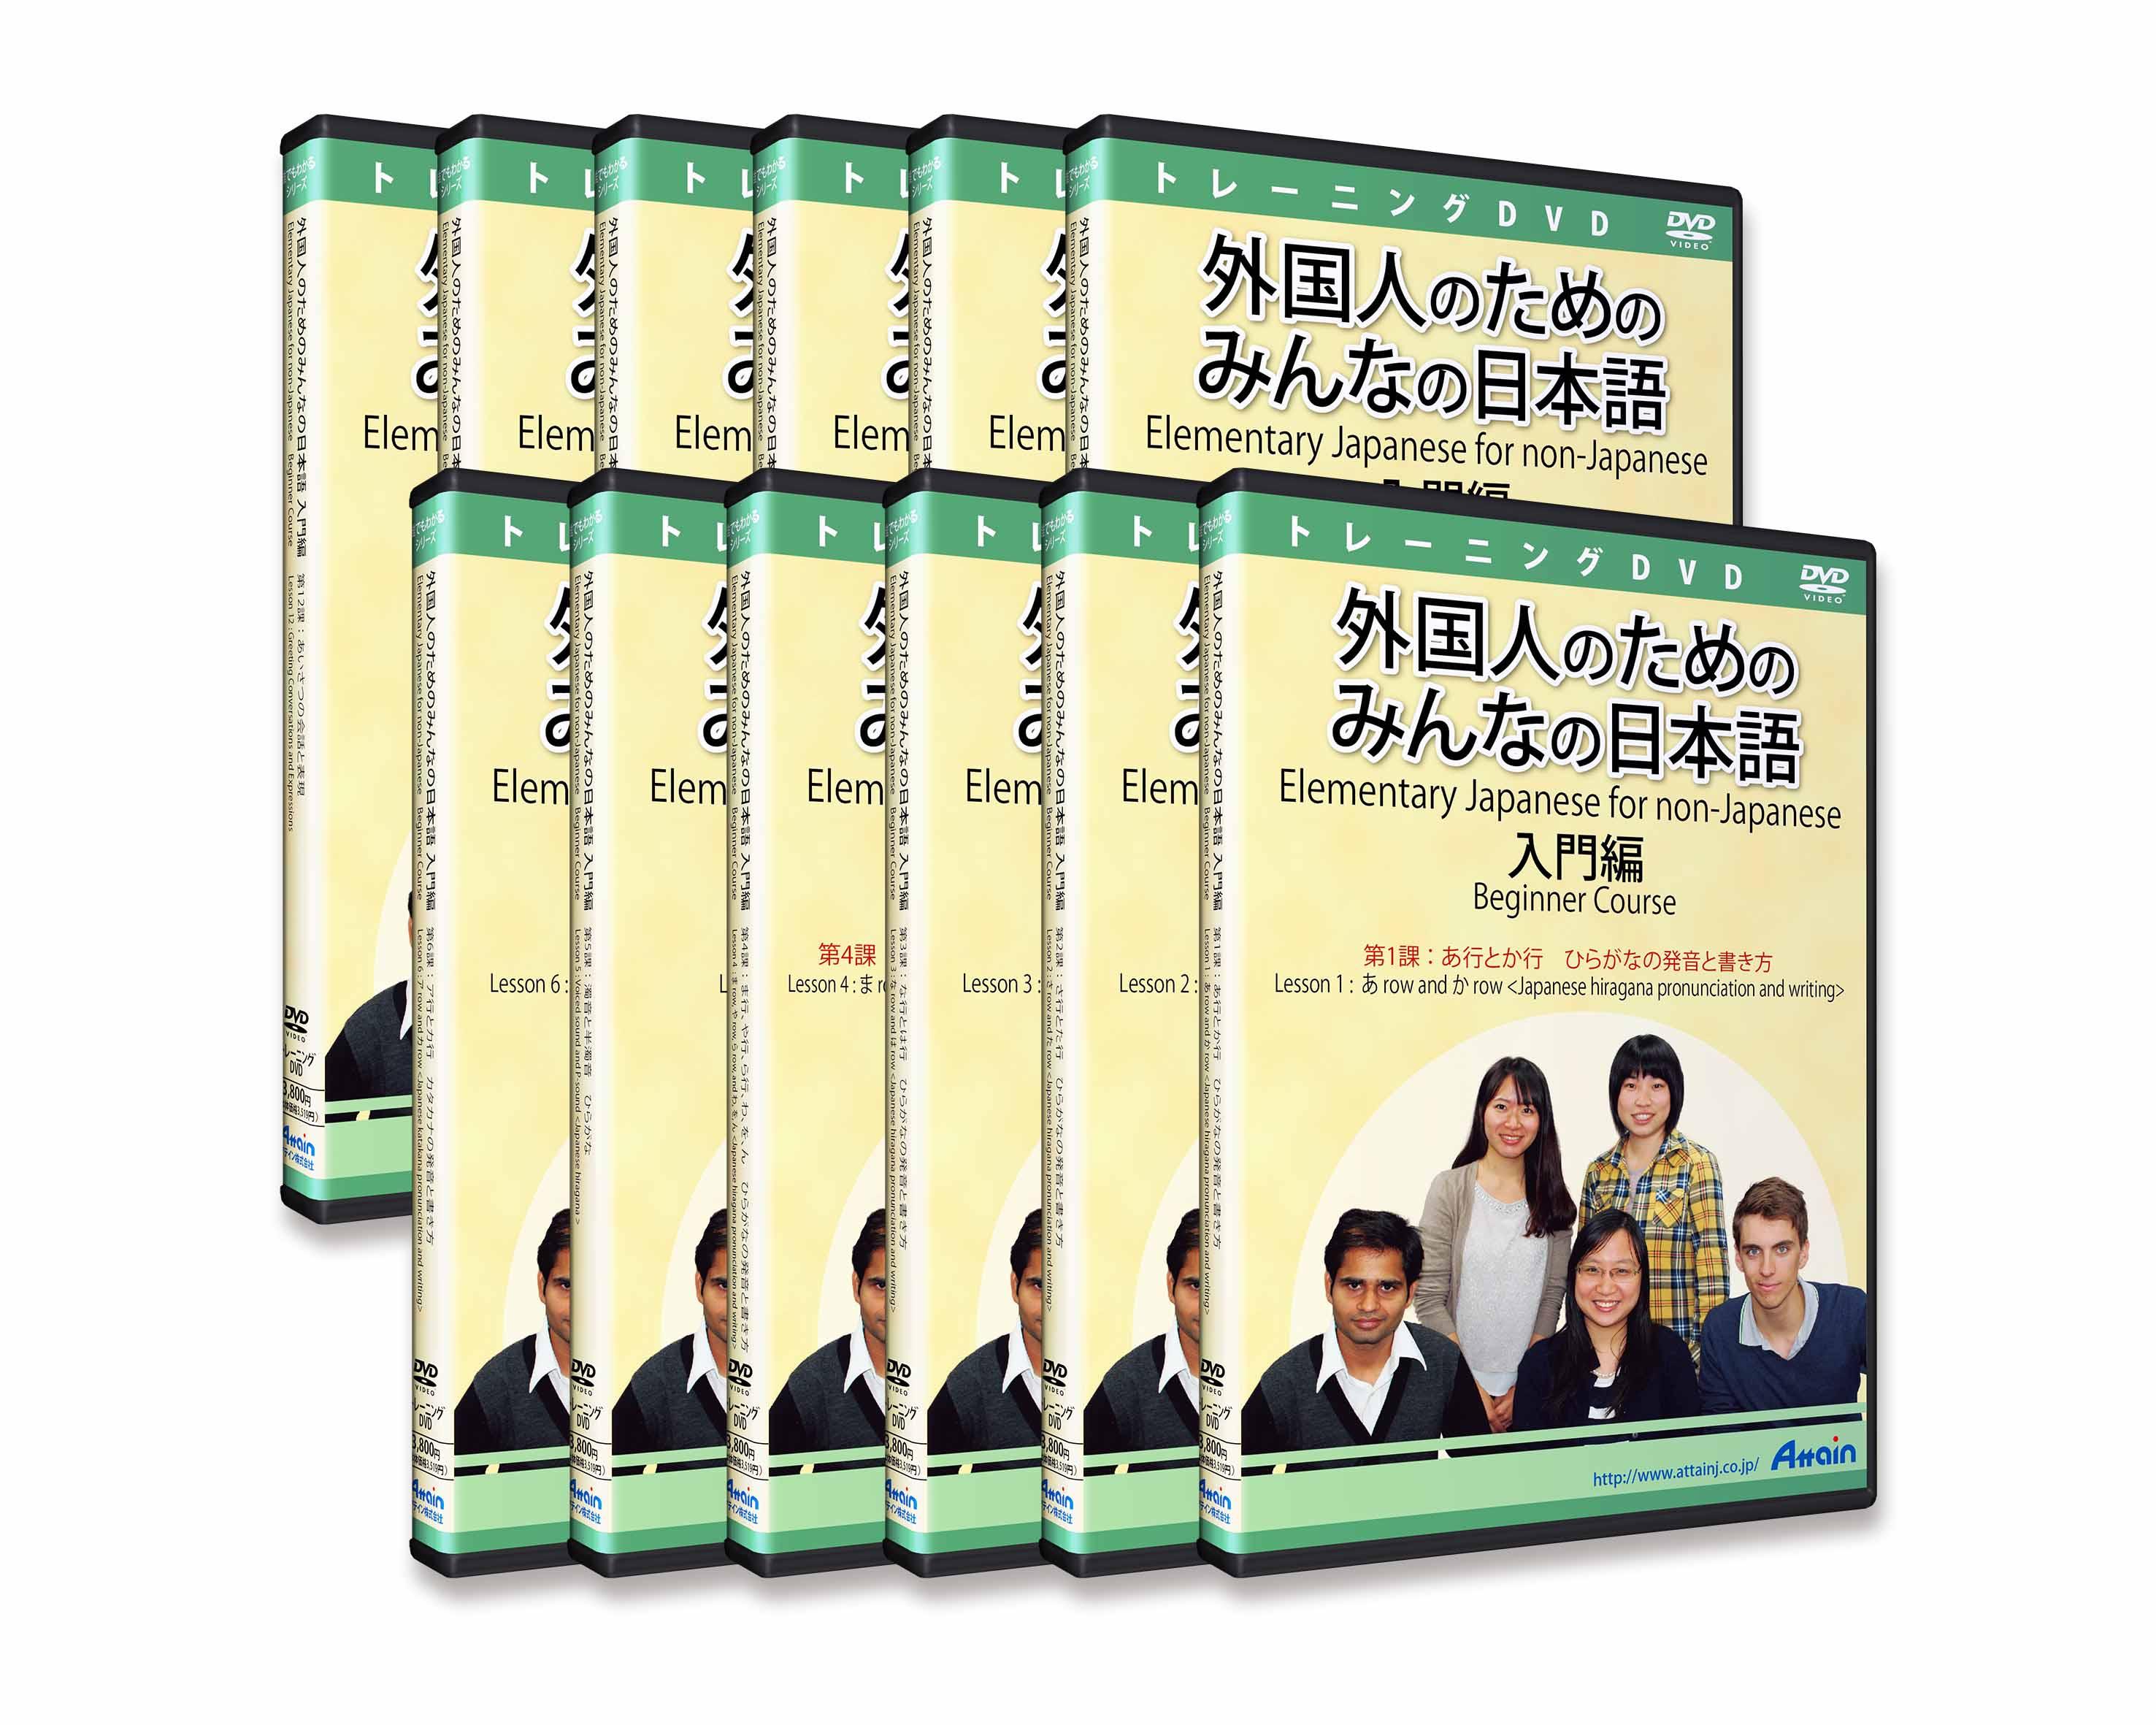 「外国人のためのみんなの日本語 入門編」DVD教材2課、3課、4課を発売